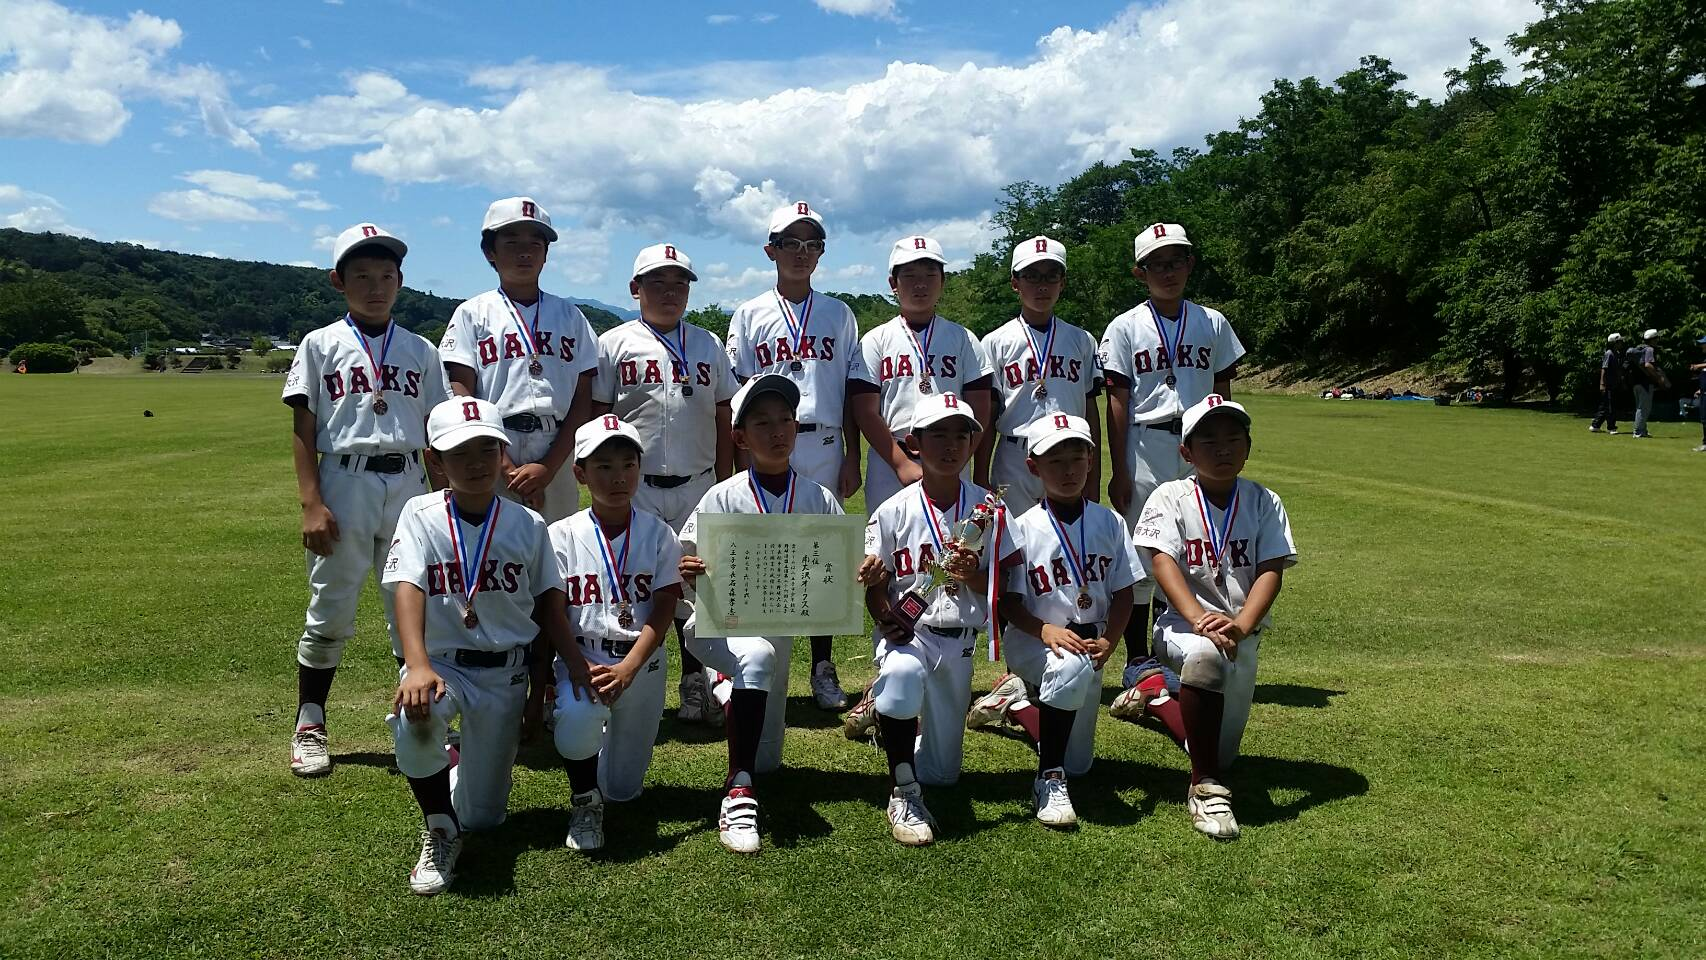 第26回 八王子市長杯争奪少年野球大会 第三位・南大沢オークス 2019年6月16日